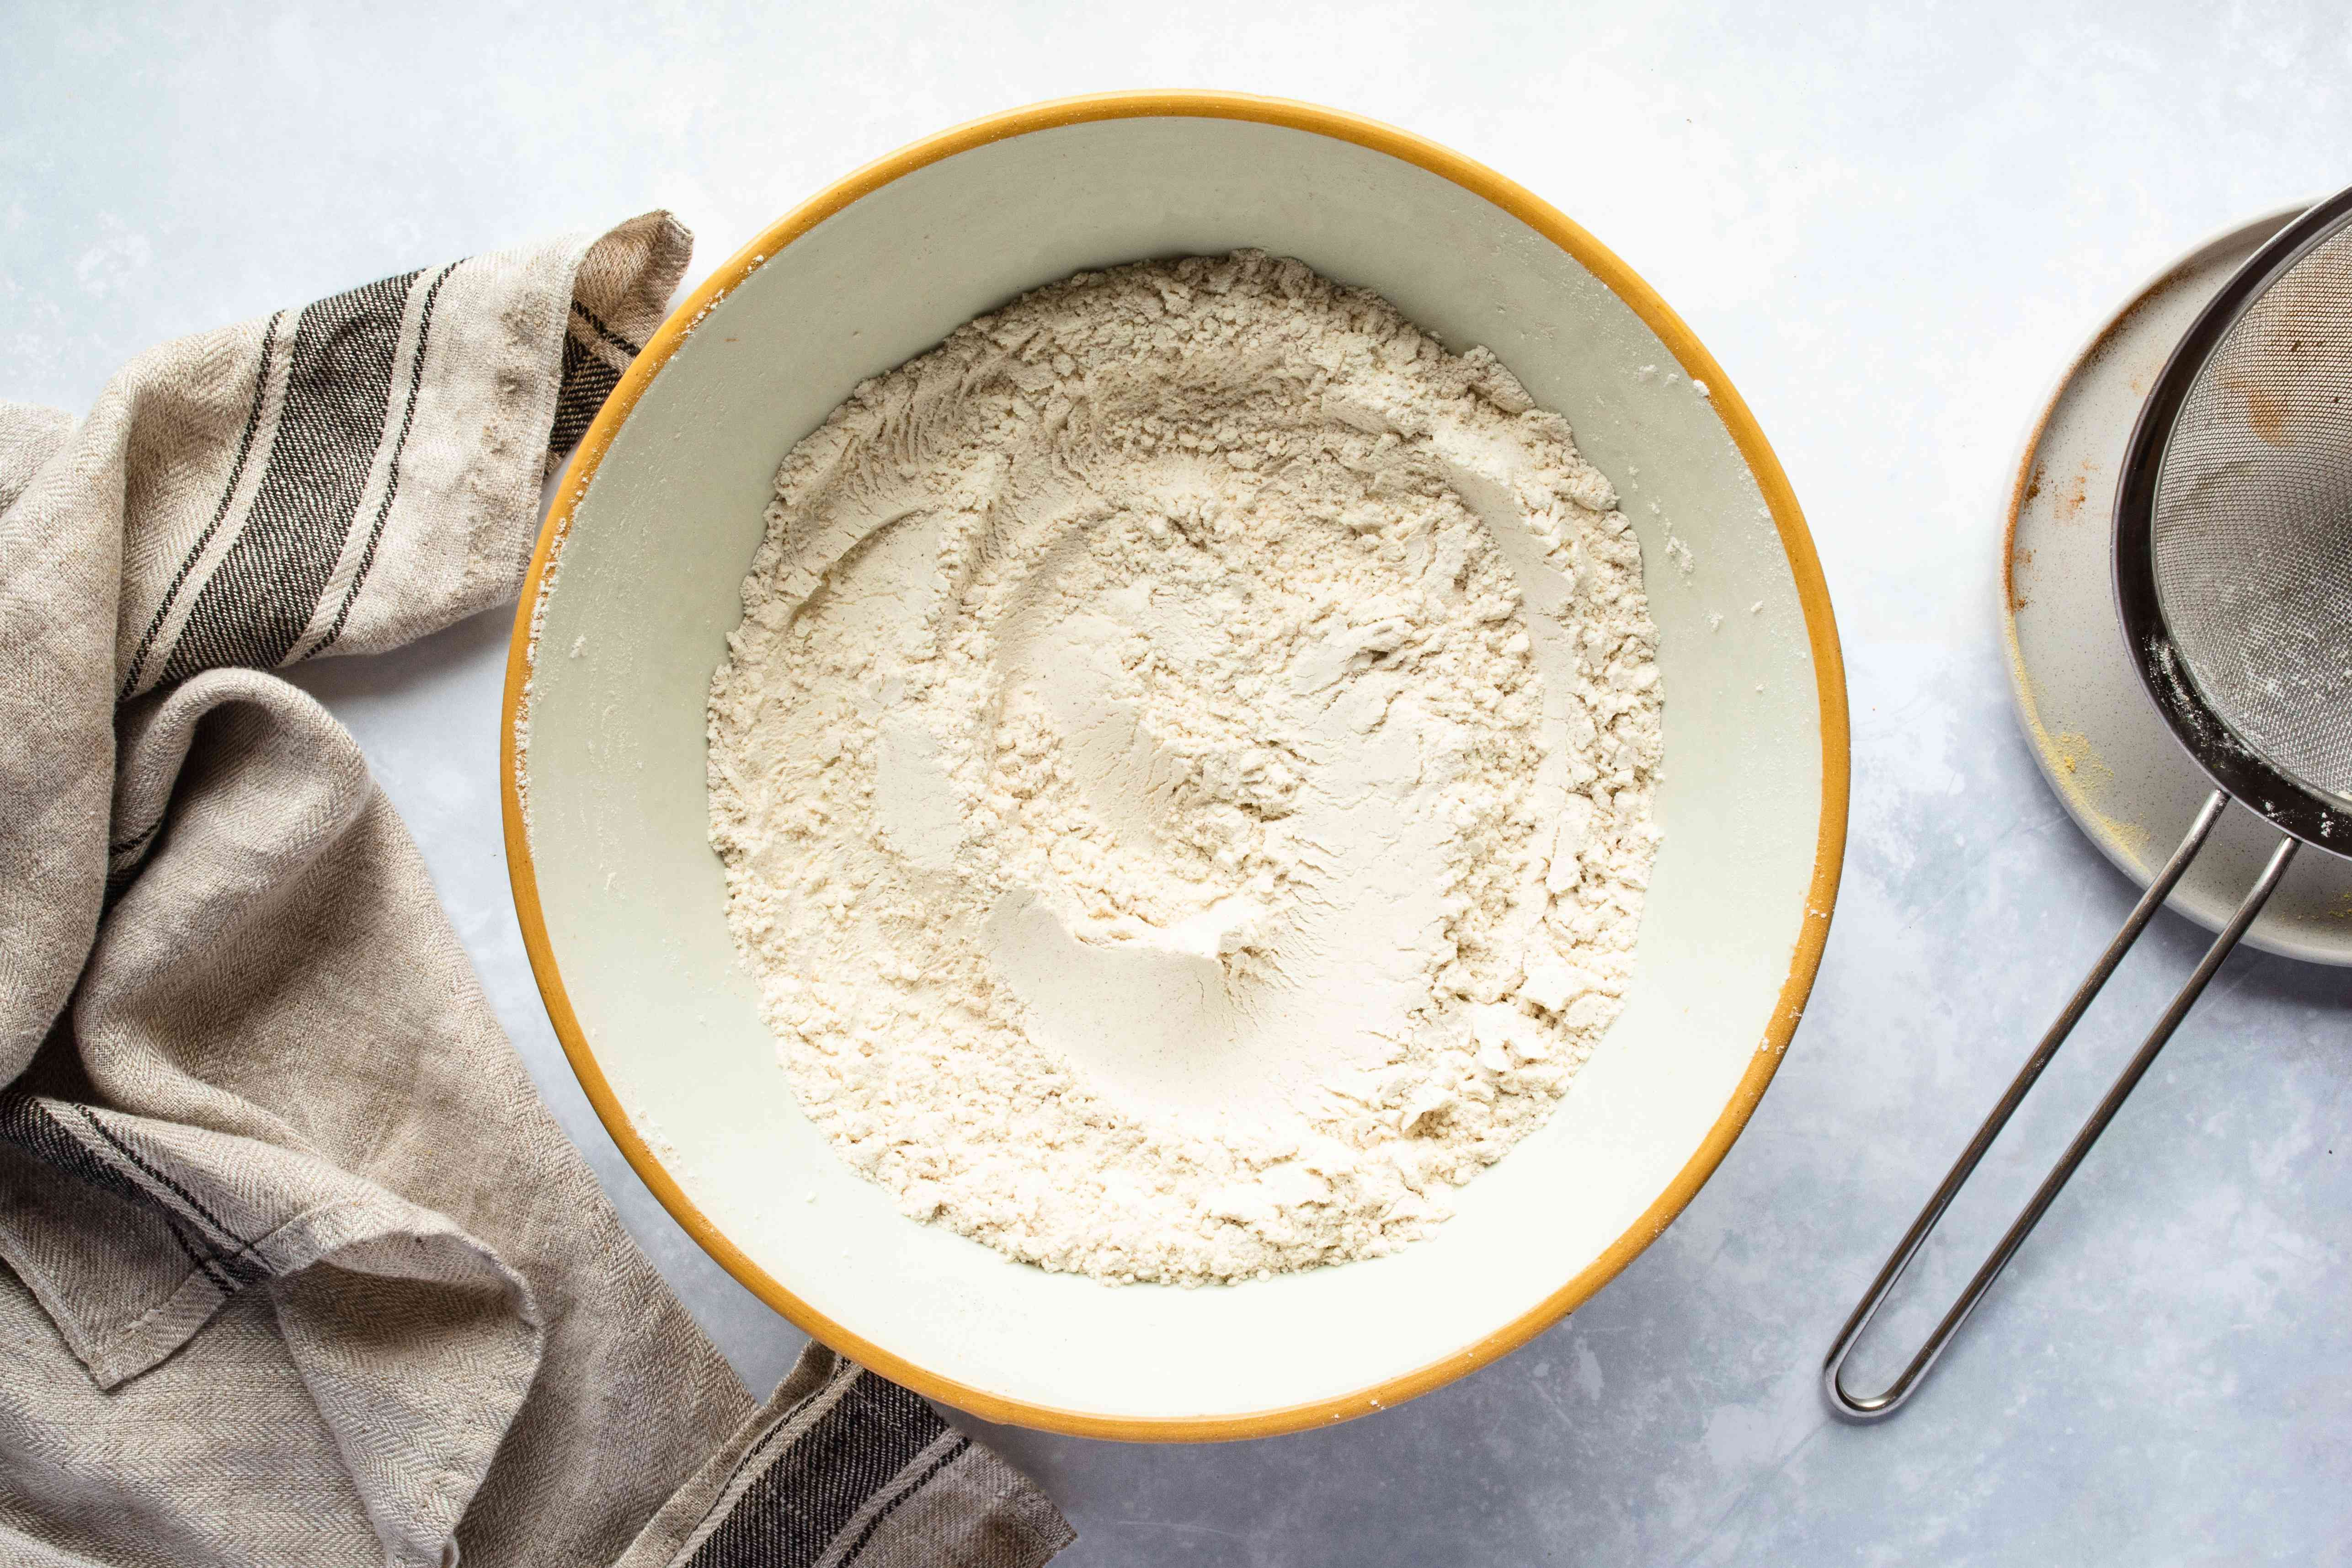 Sift together flour, salt, baking soda